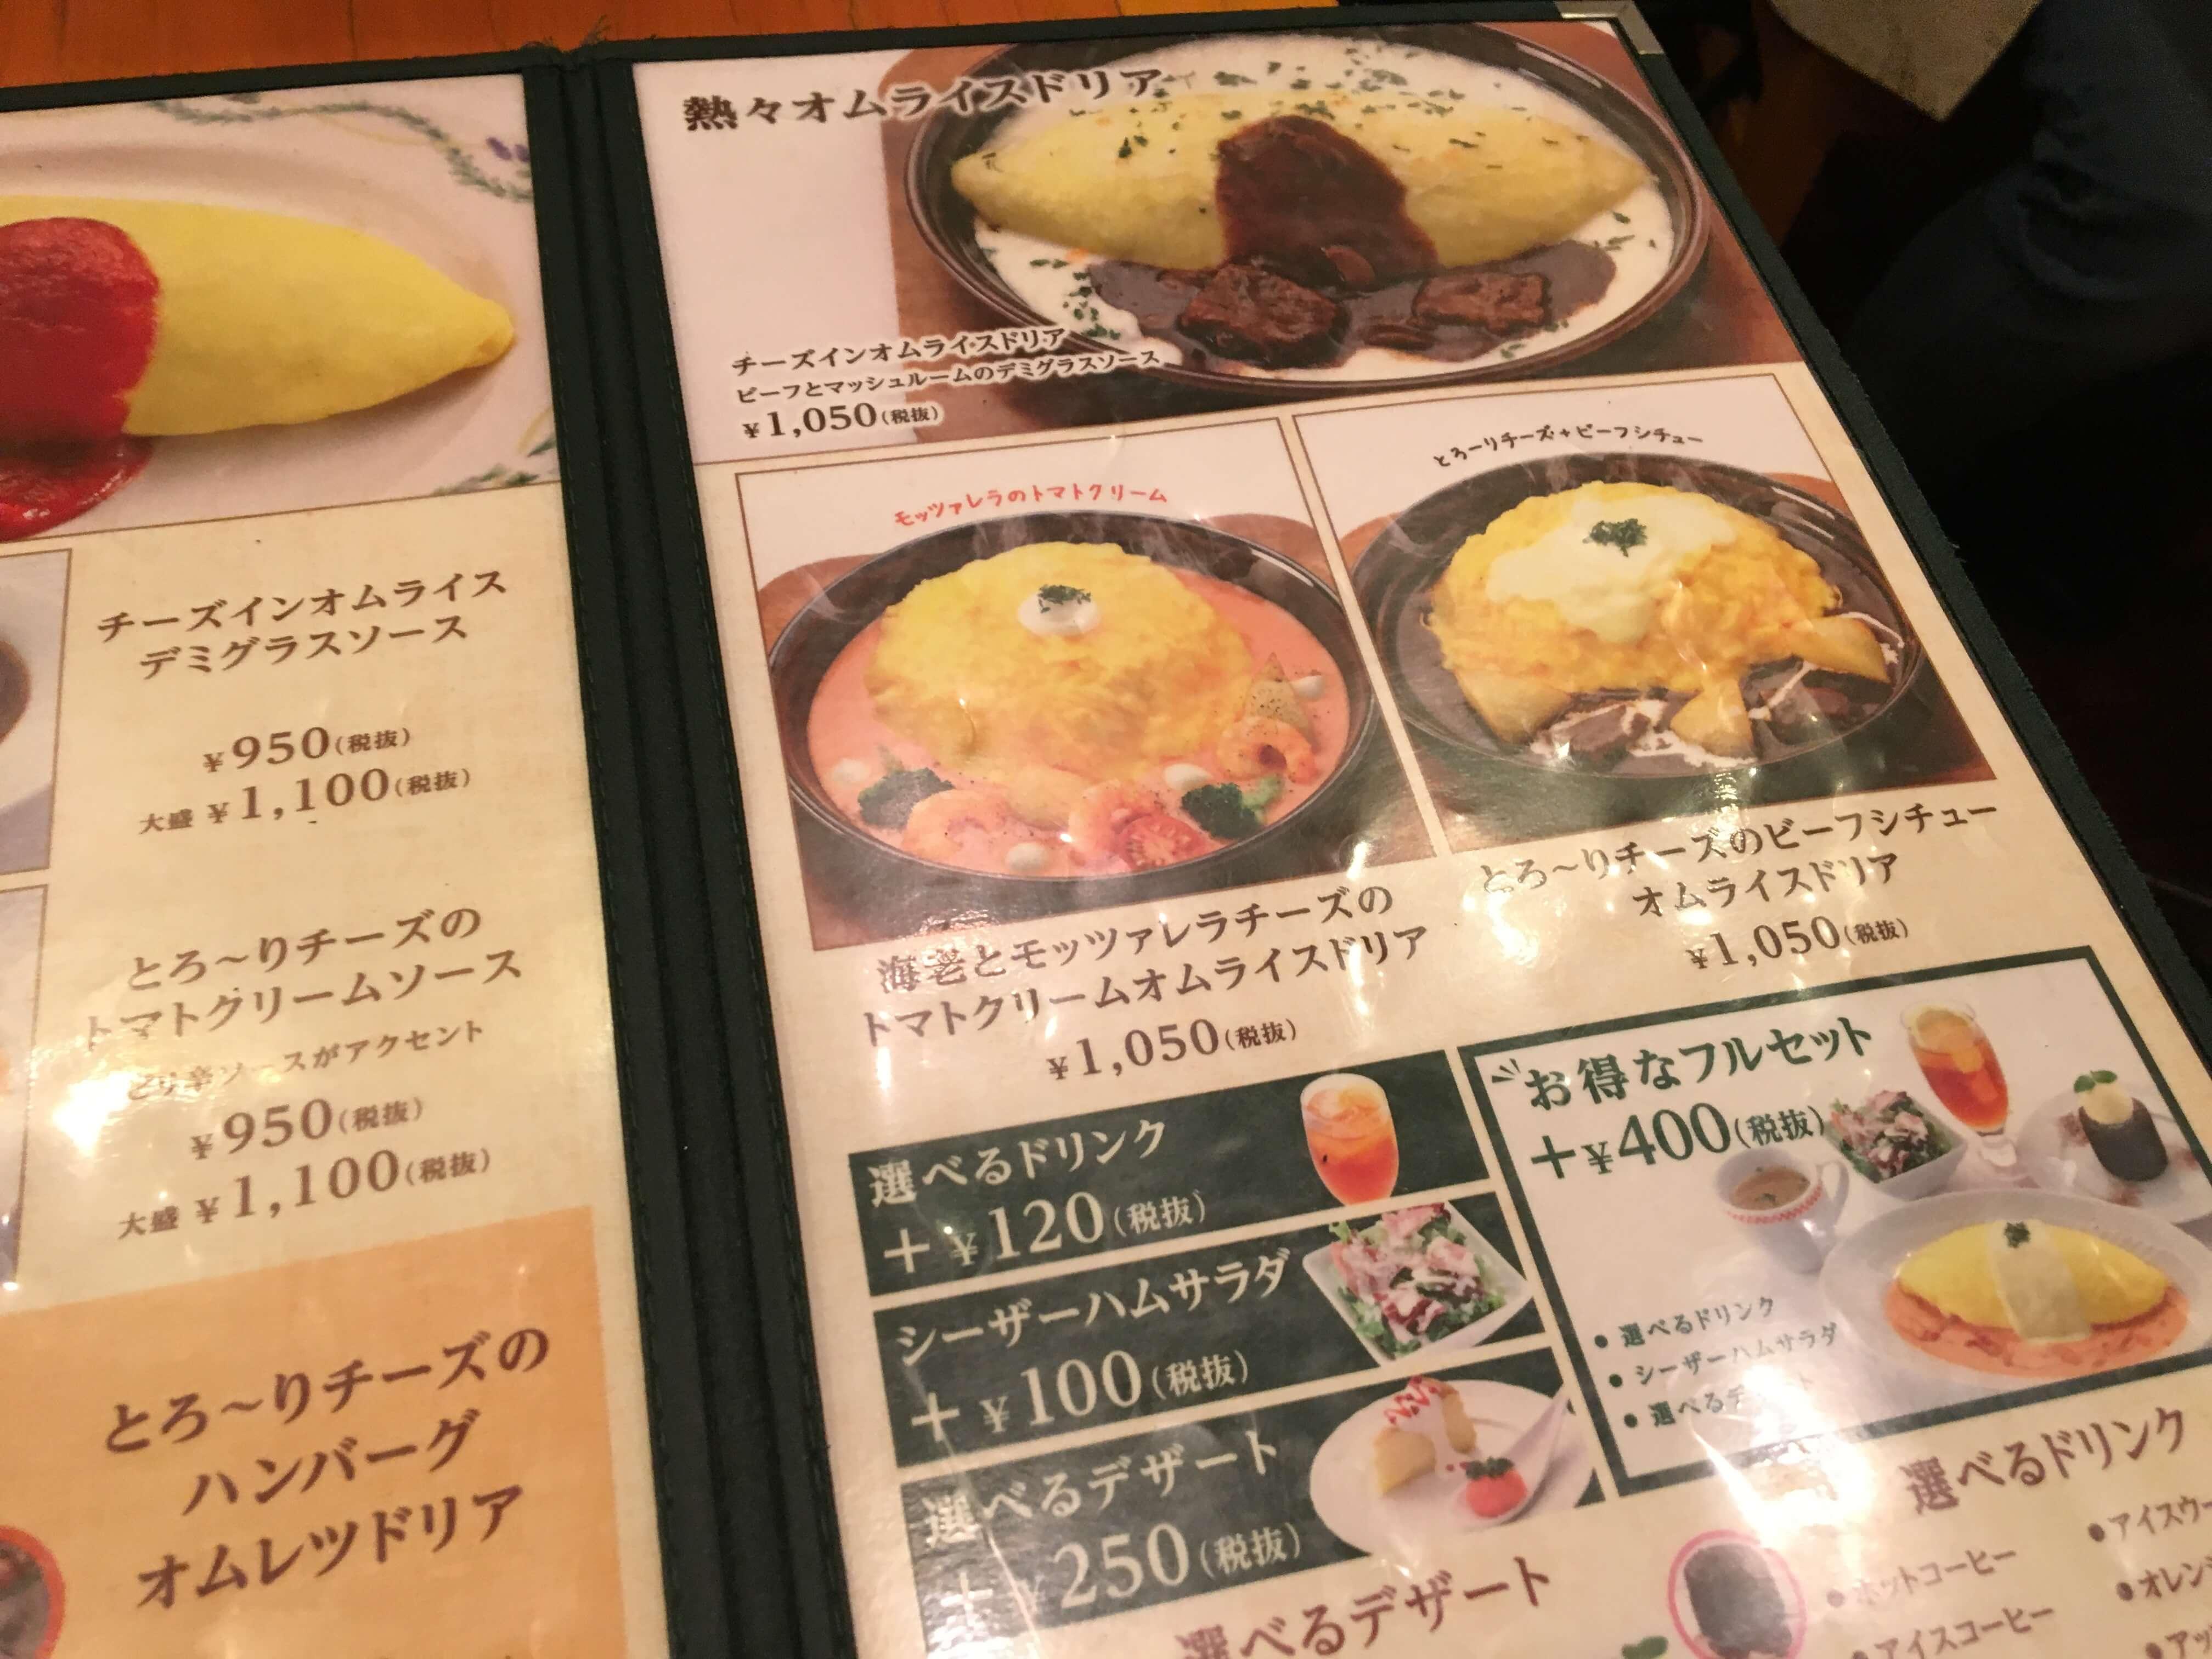 卵と私 札幌アピア店のメニュー2